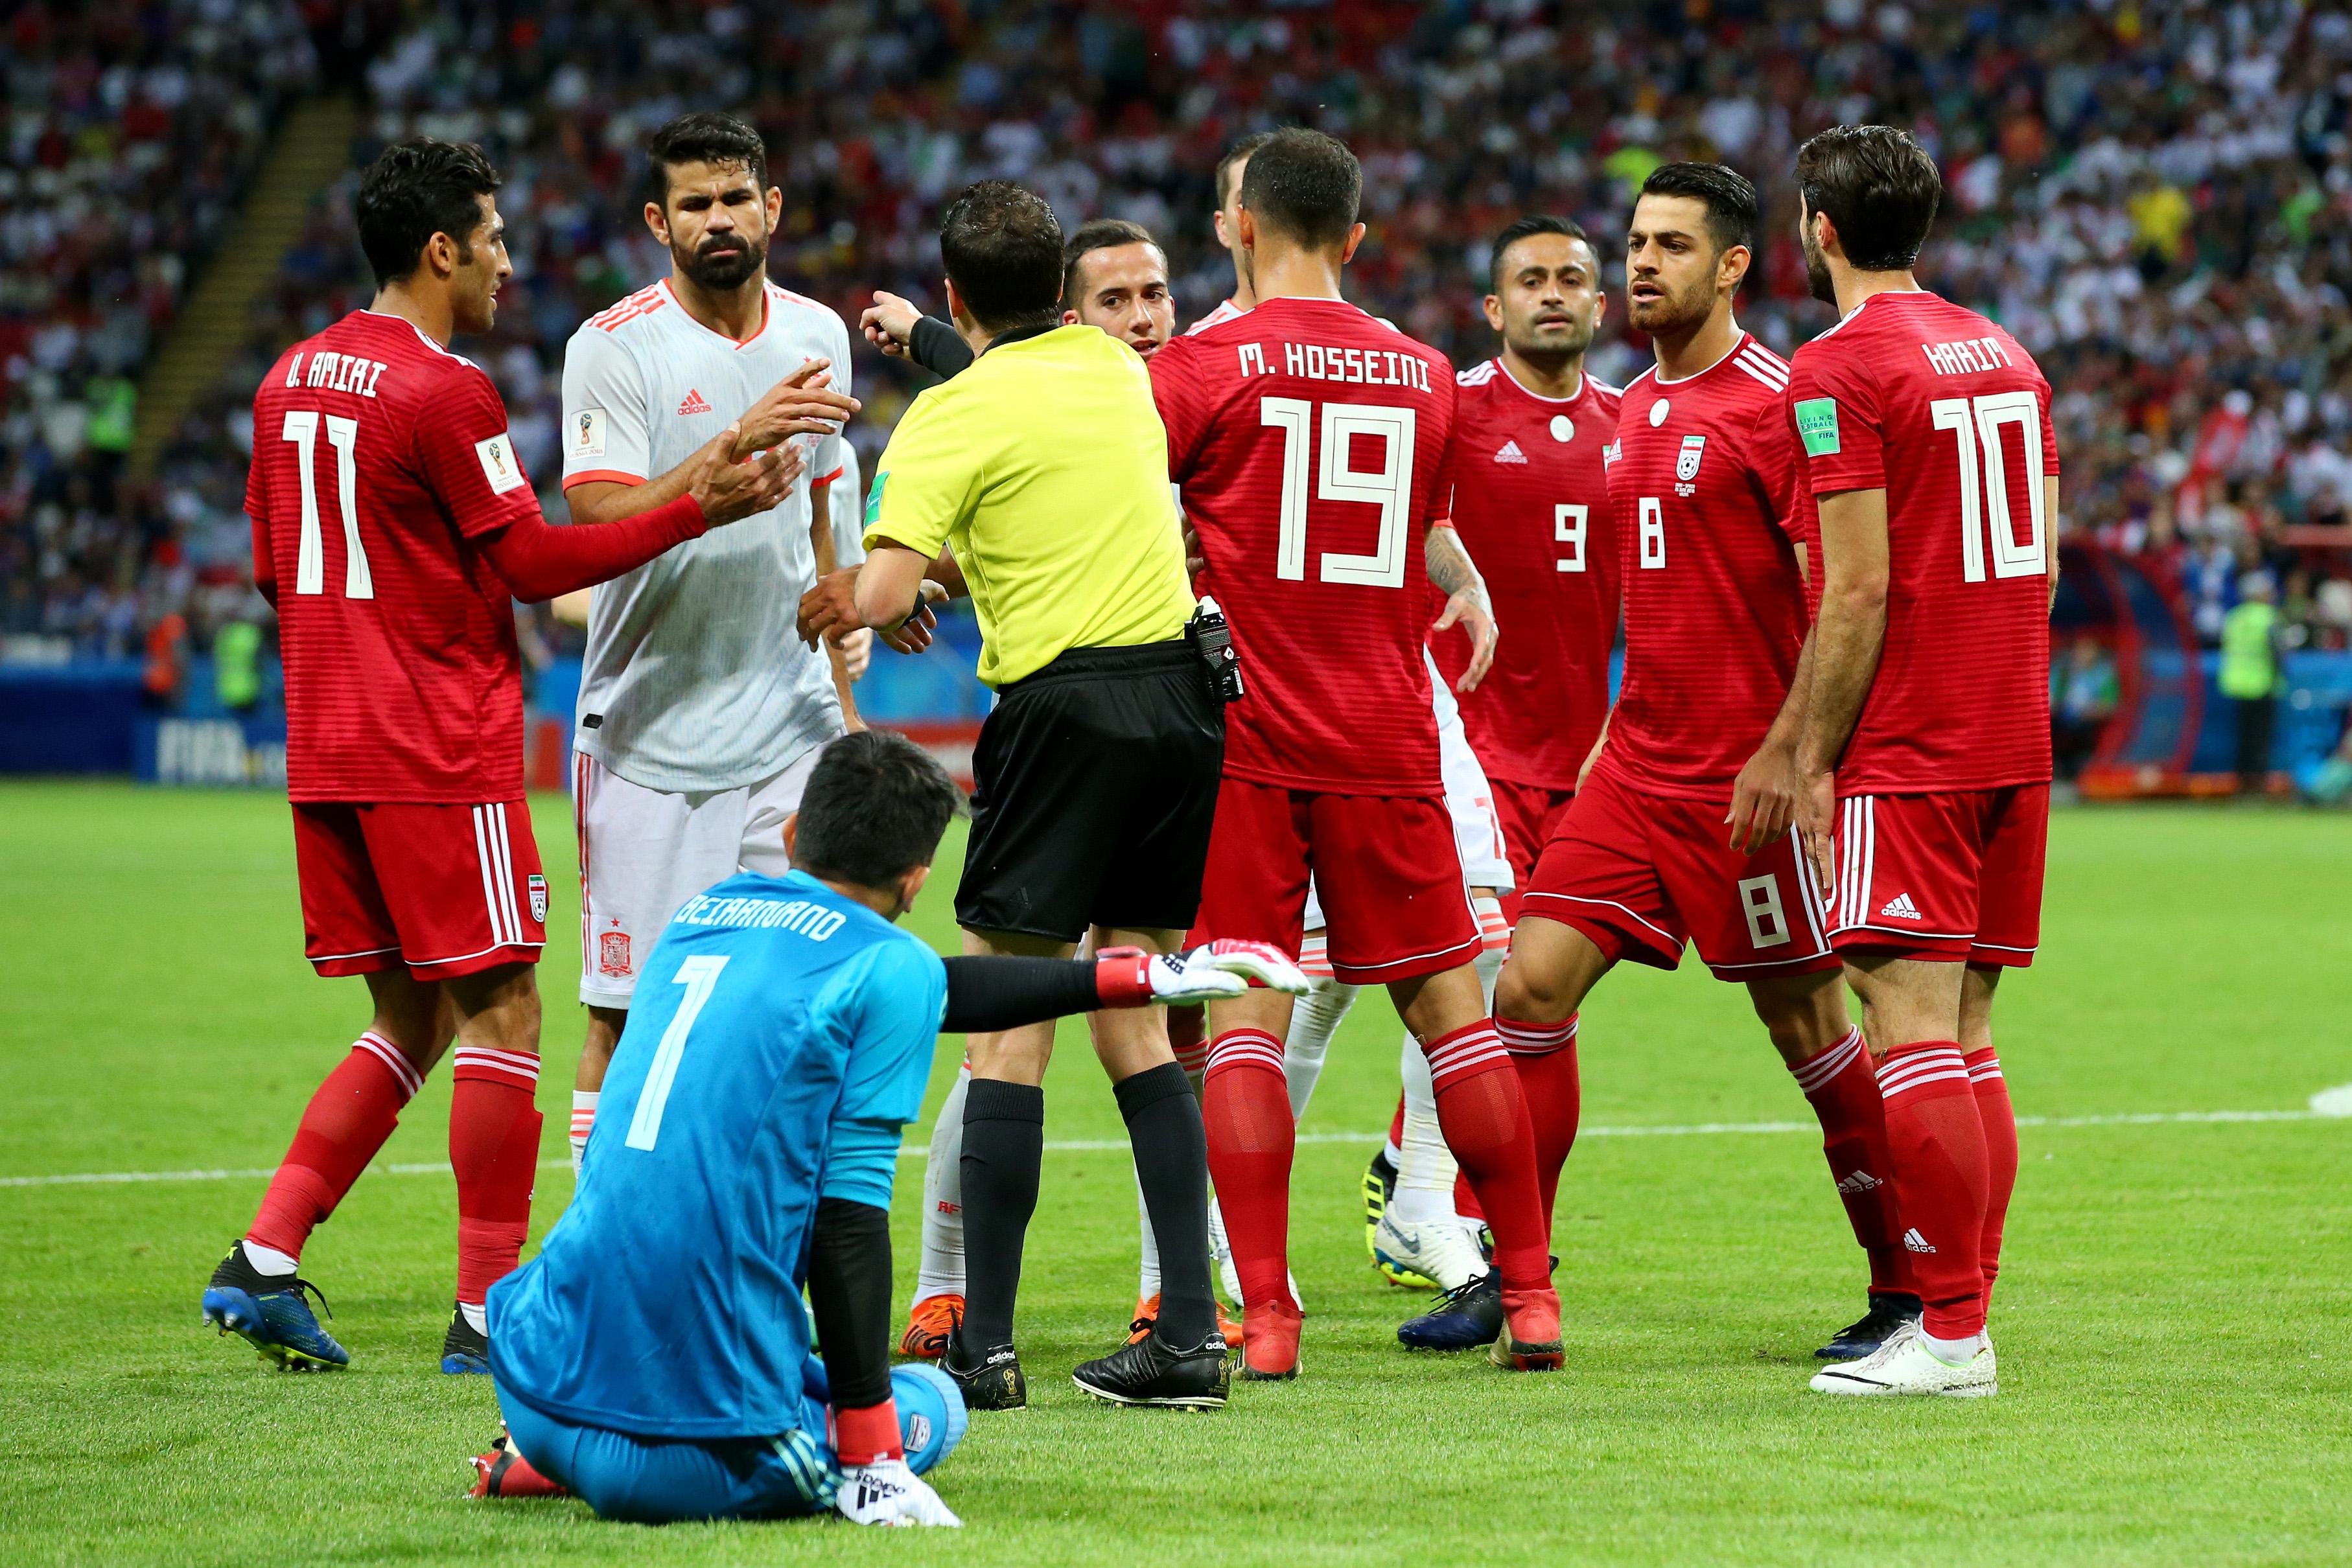 Image result for หามสตาฟฟ์อิหร่านส่งโรงบาลเกมแพ้สเปน